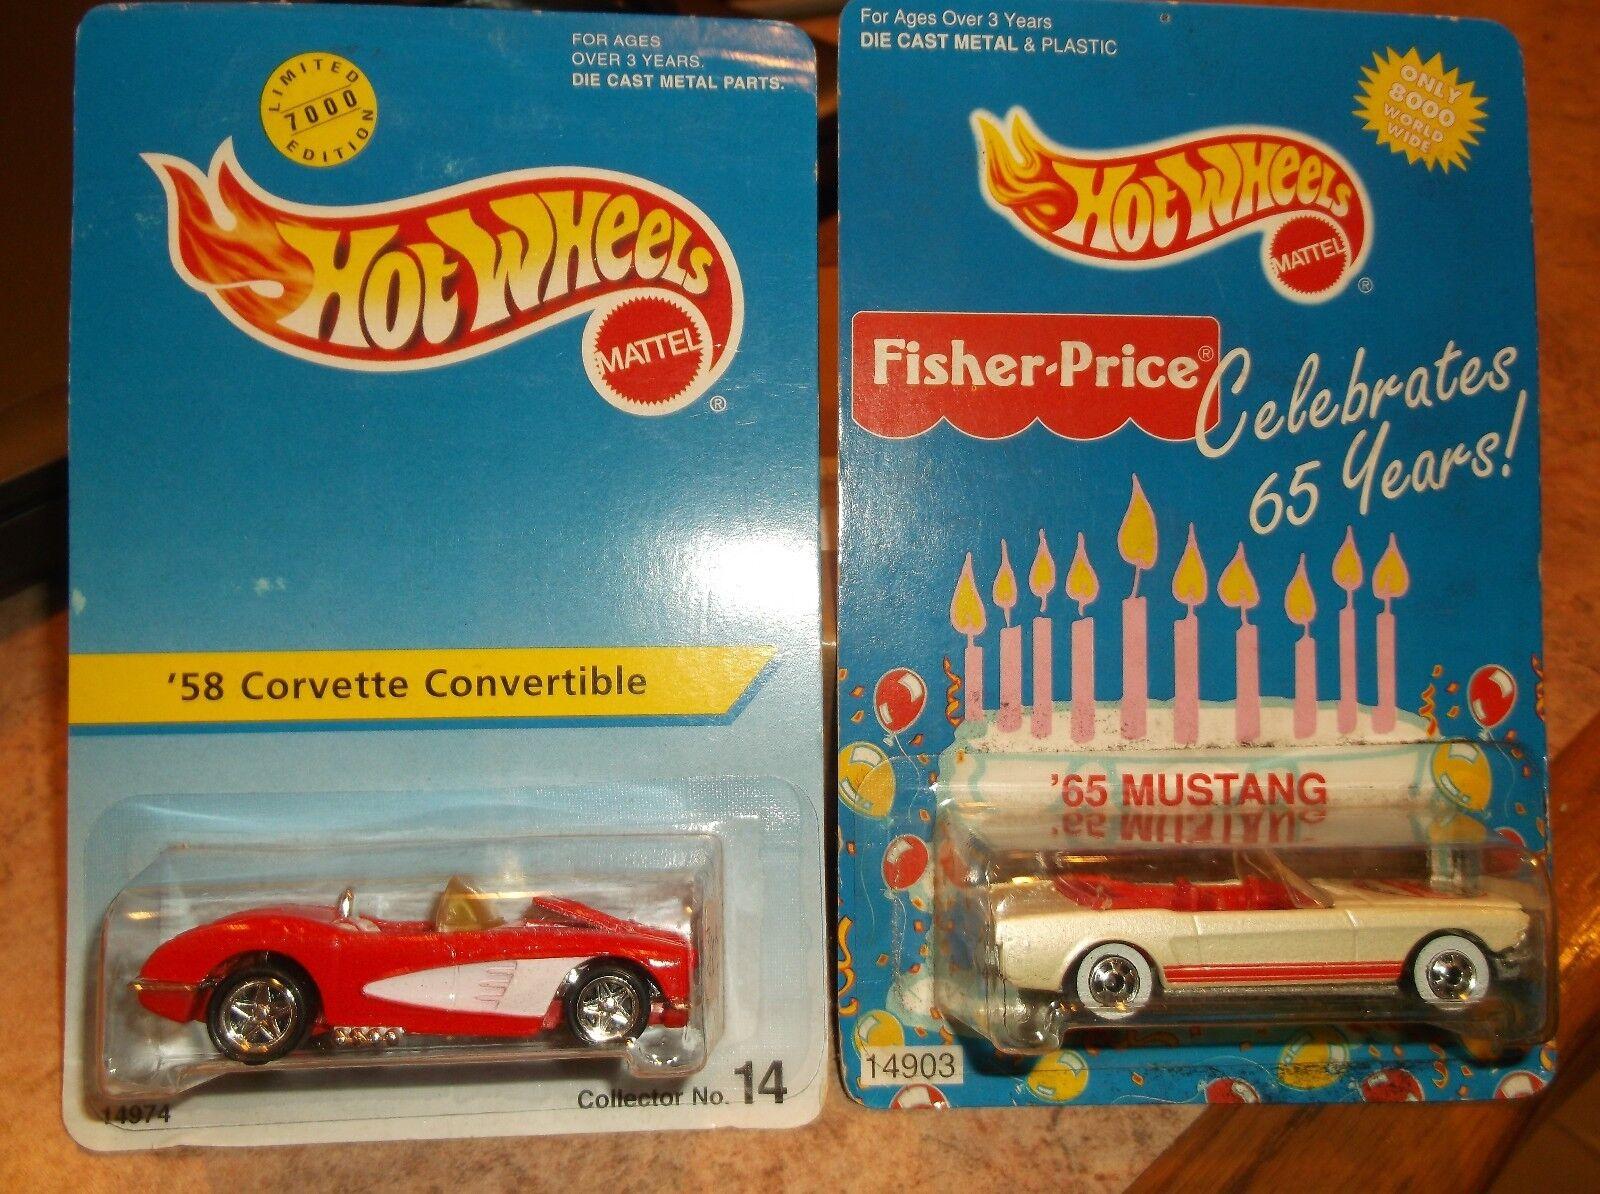 Hot Wheels Limitada Edición Especial Lote De 2, 58 Corvettte & Mustang 65